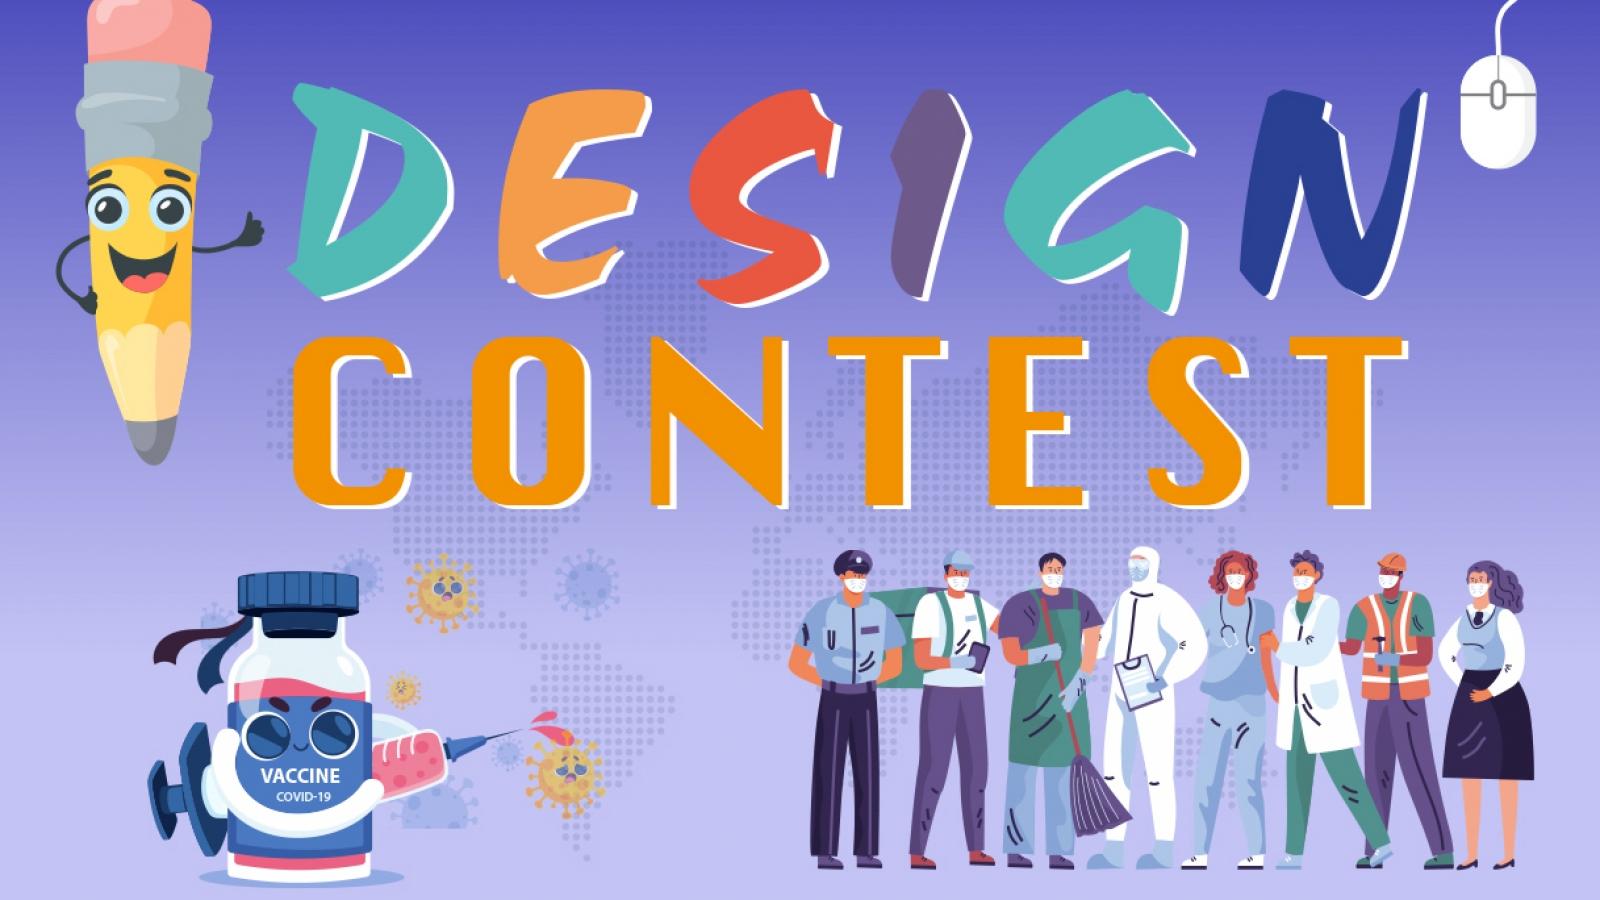 """Cuộc thi thiết kế """"Cùng nhau chiến thắng Covid-19"""" với tổng giải thưởng hơn 100 triệu đồng"""